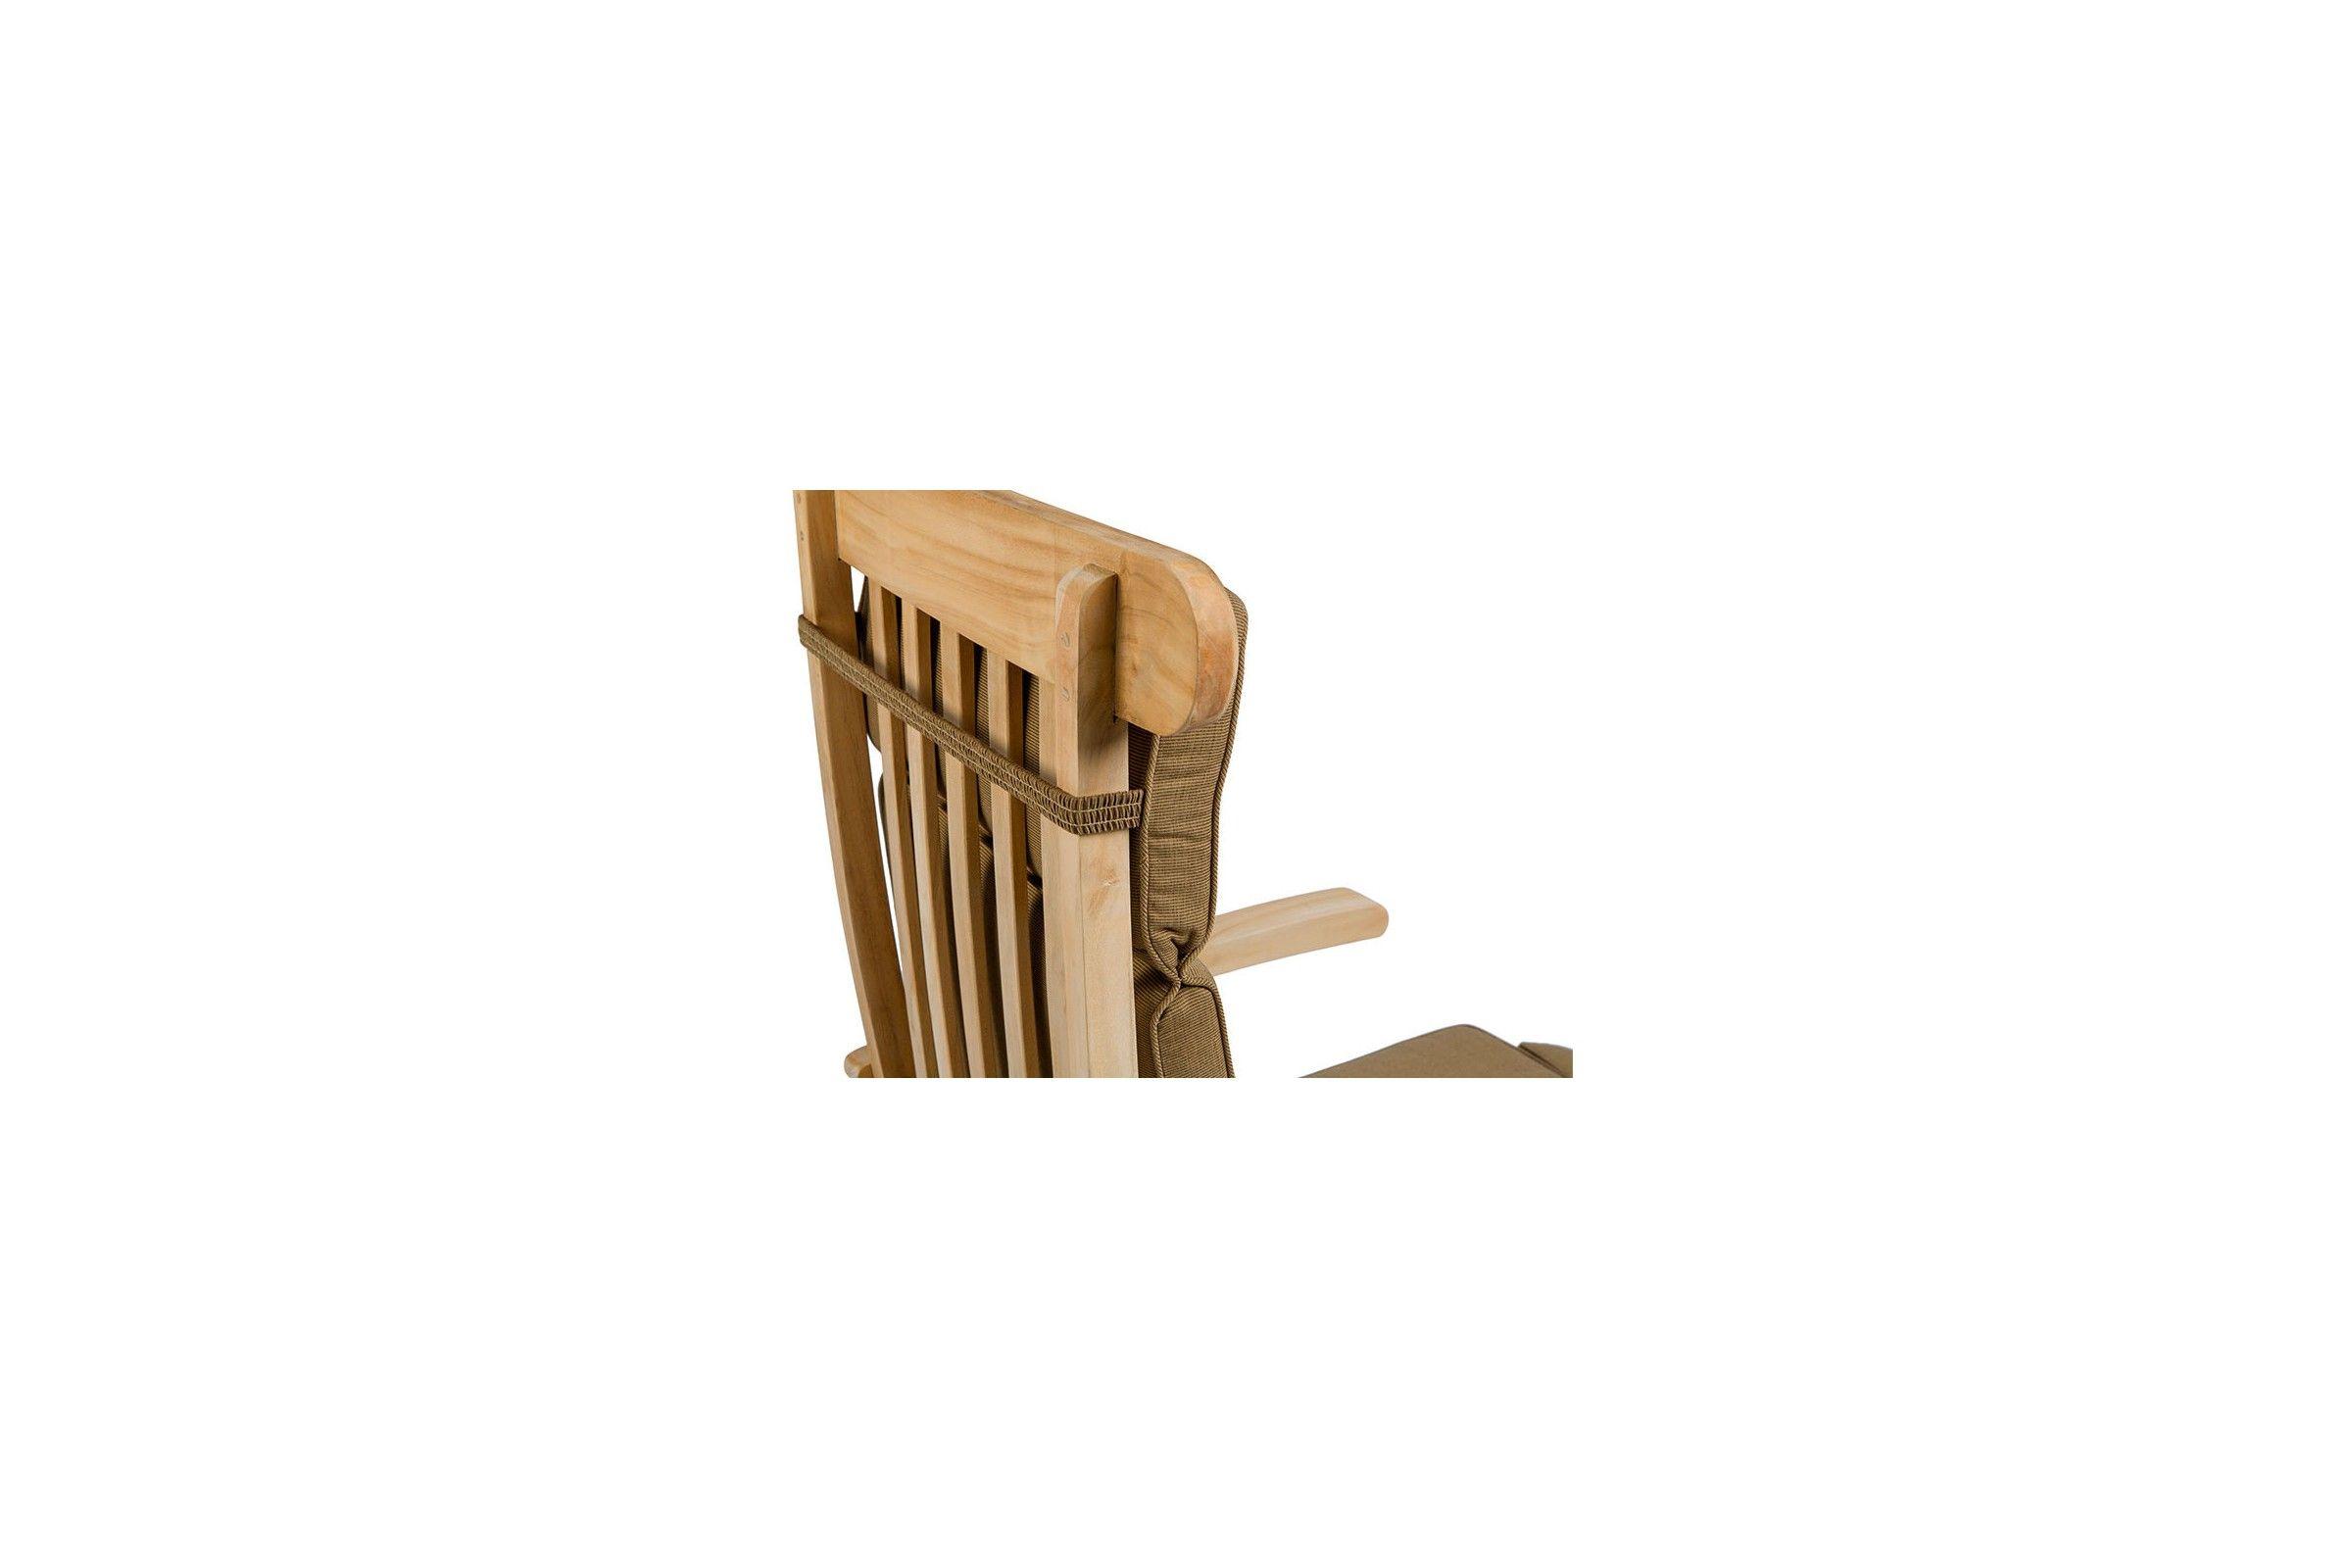 Matelas pour chaise longue steamer for Matelas chaise longue jardin